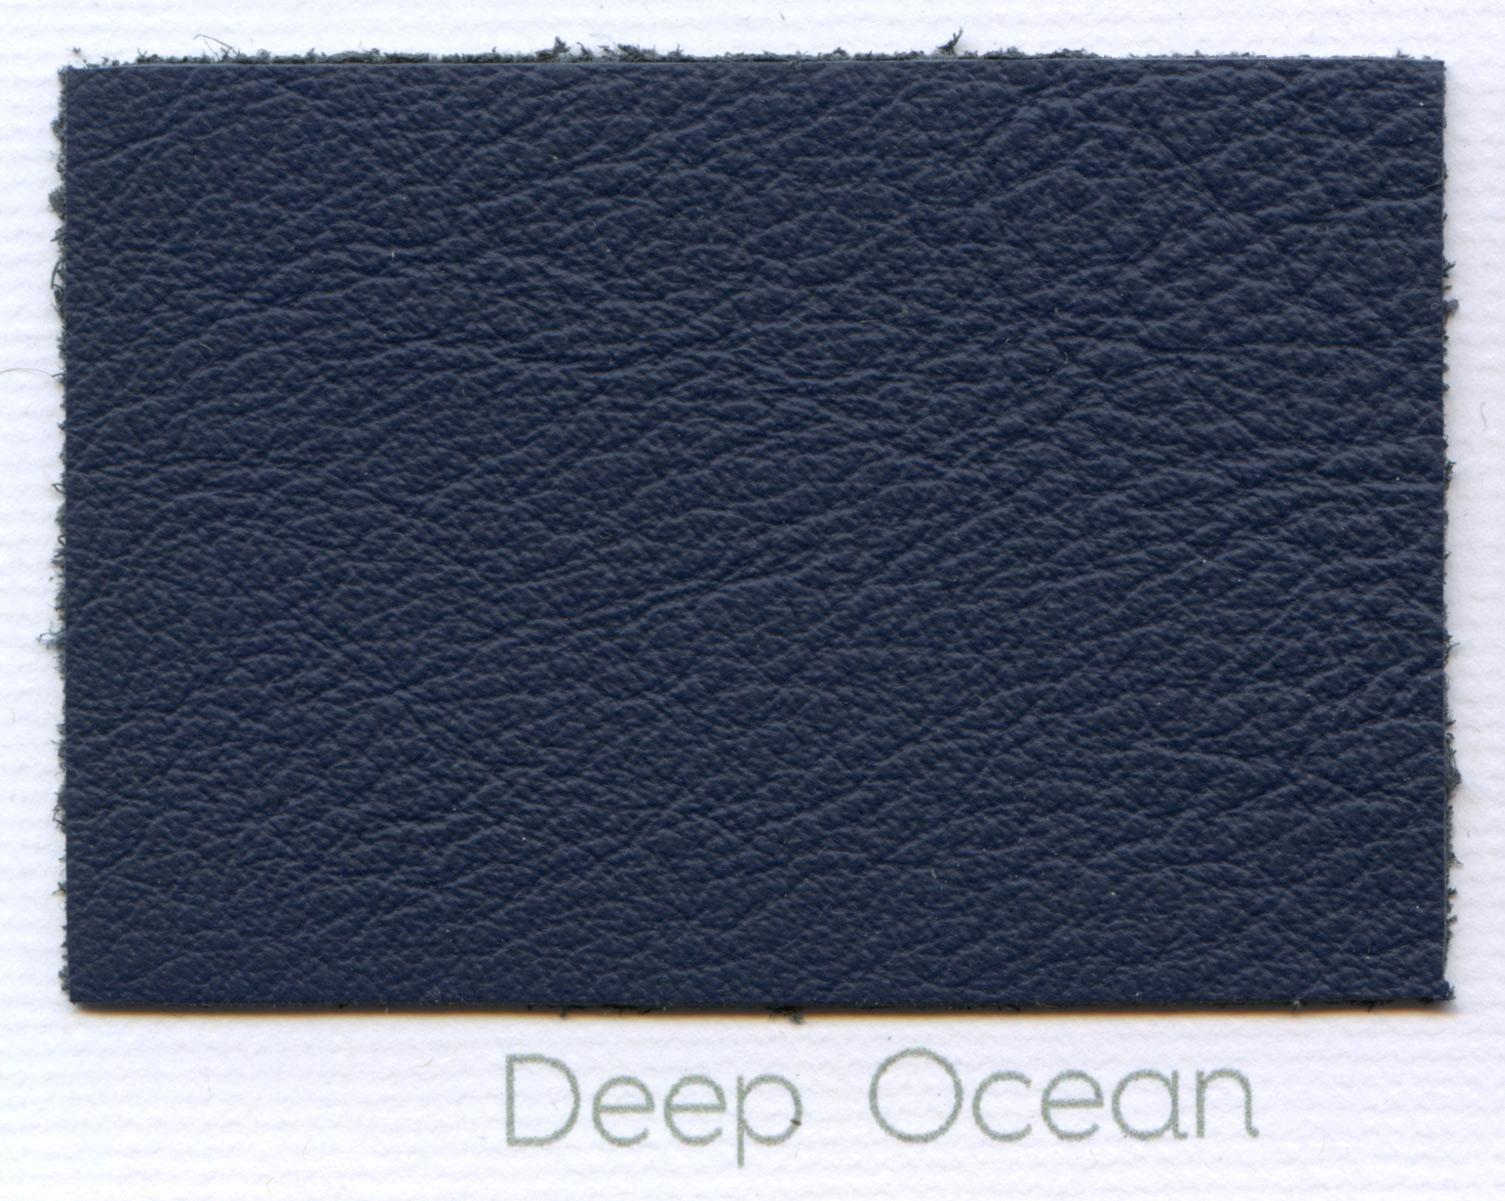 DeepOcean.jpg